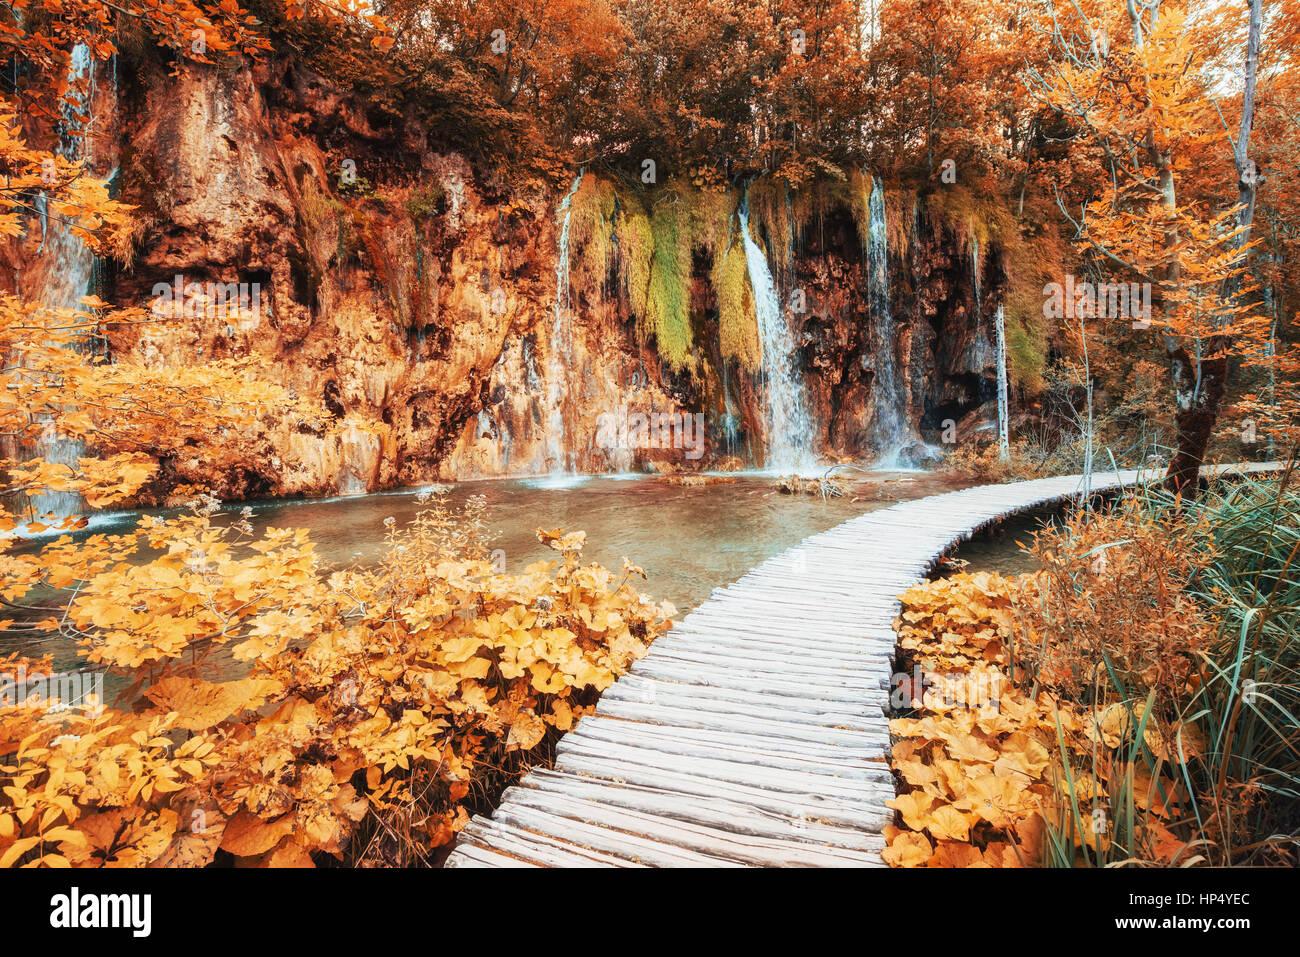 Fantastische Aussicht auf Wasserfälle türkisfarbenen Wasser und Sonnenlicht Stockbild